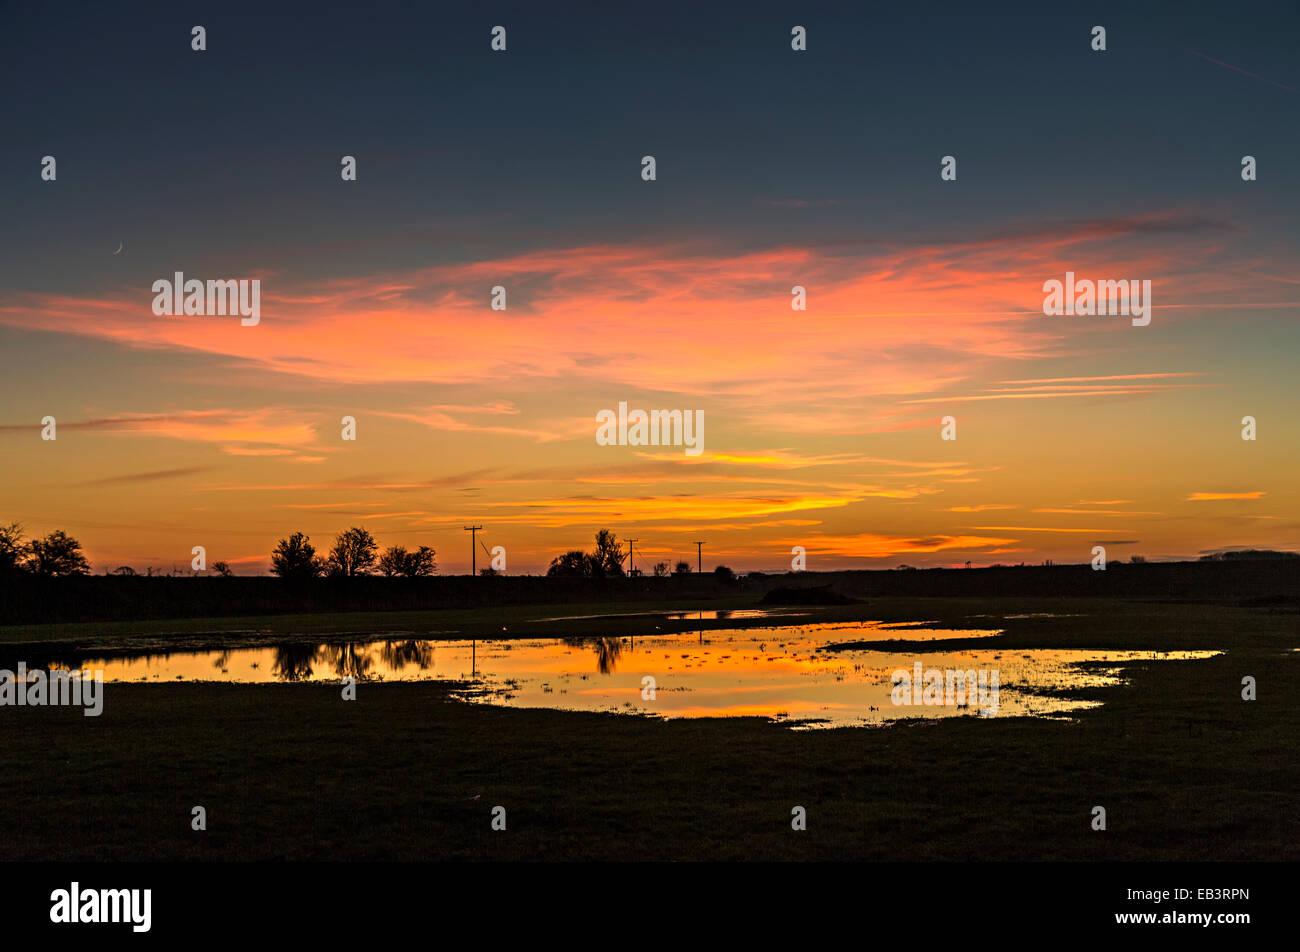 Campo allagato al tramonto, Lincolnshire Fens, Donna Nook, England, Regno Unito Immagini Stock